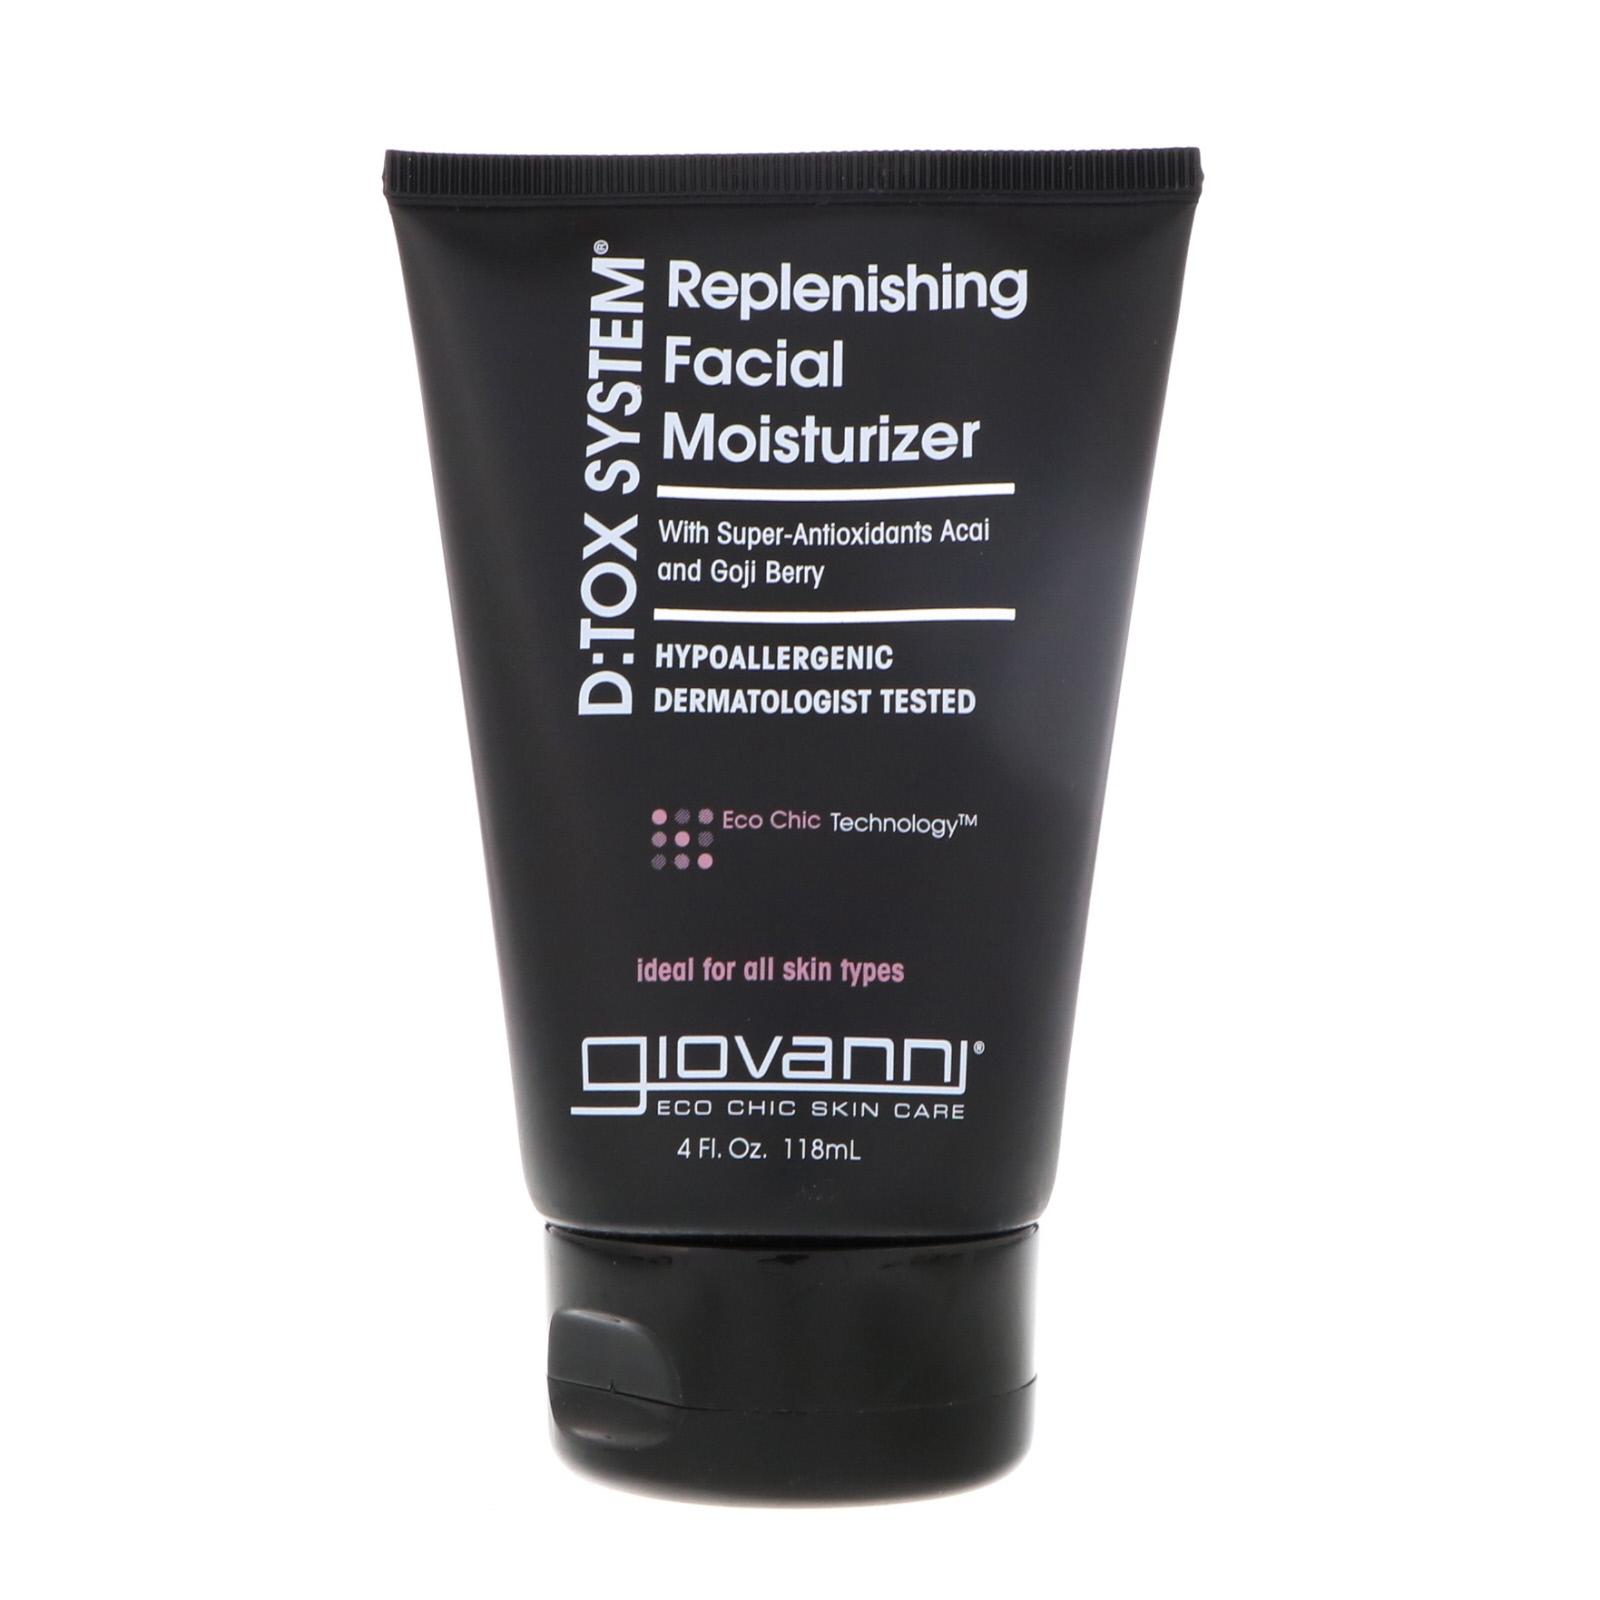 Giovanni D:tox System Replenishing Facial Moisturizer, 4 Fluid Ounce Earthly Body Hemp Lip Balm Pot - Guavalava - 0.45 oz